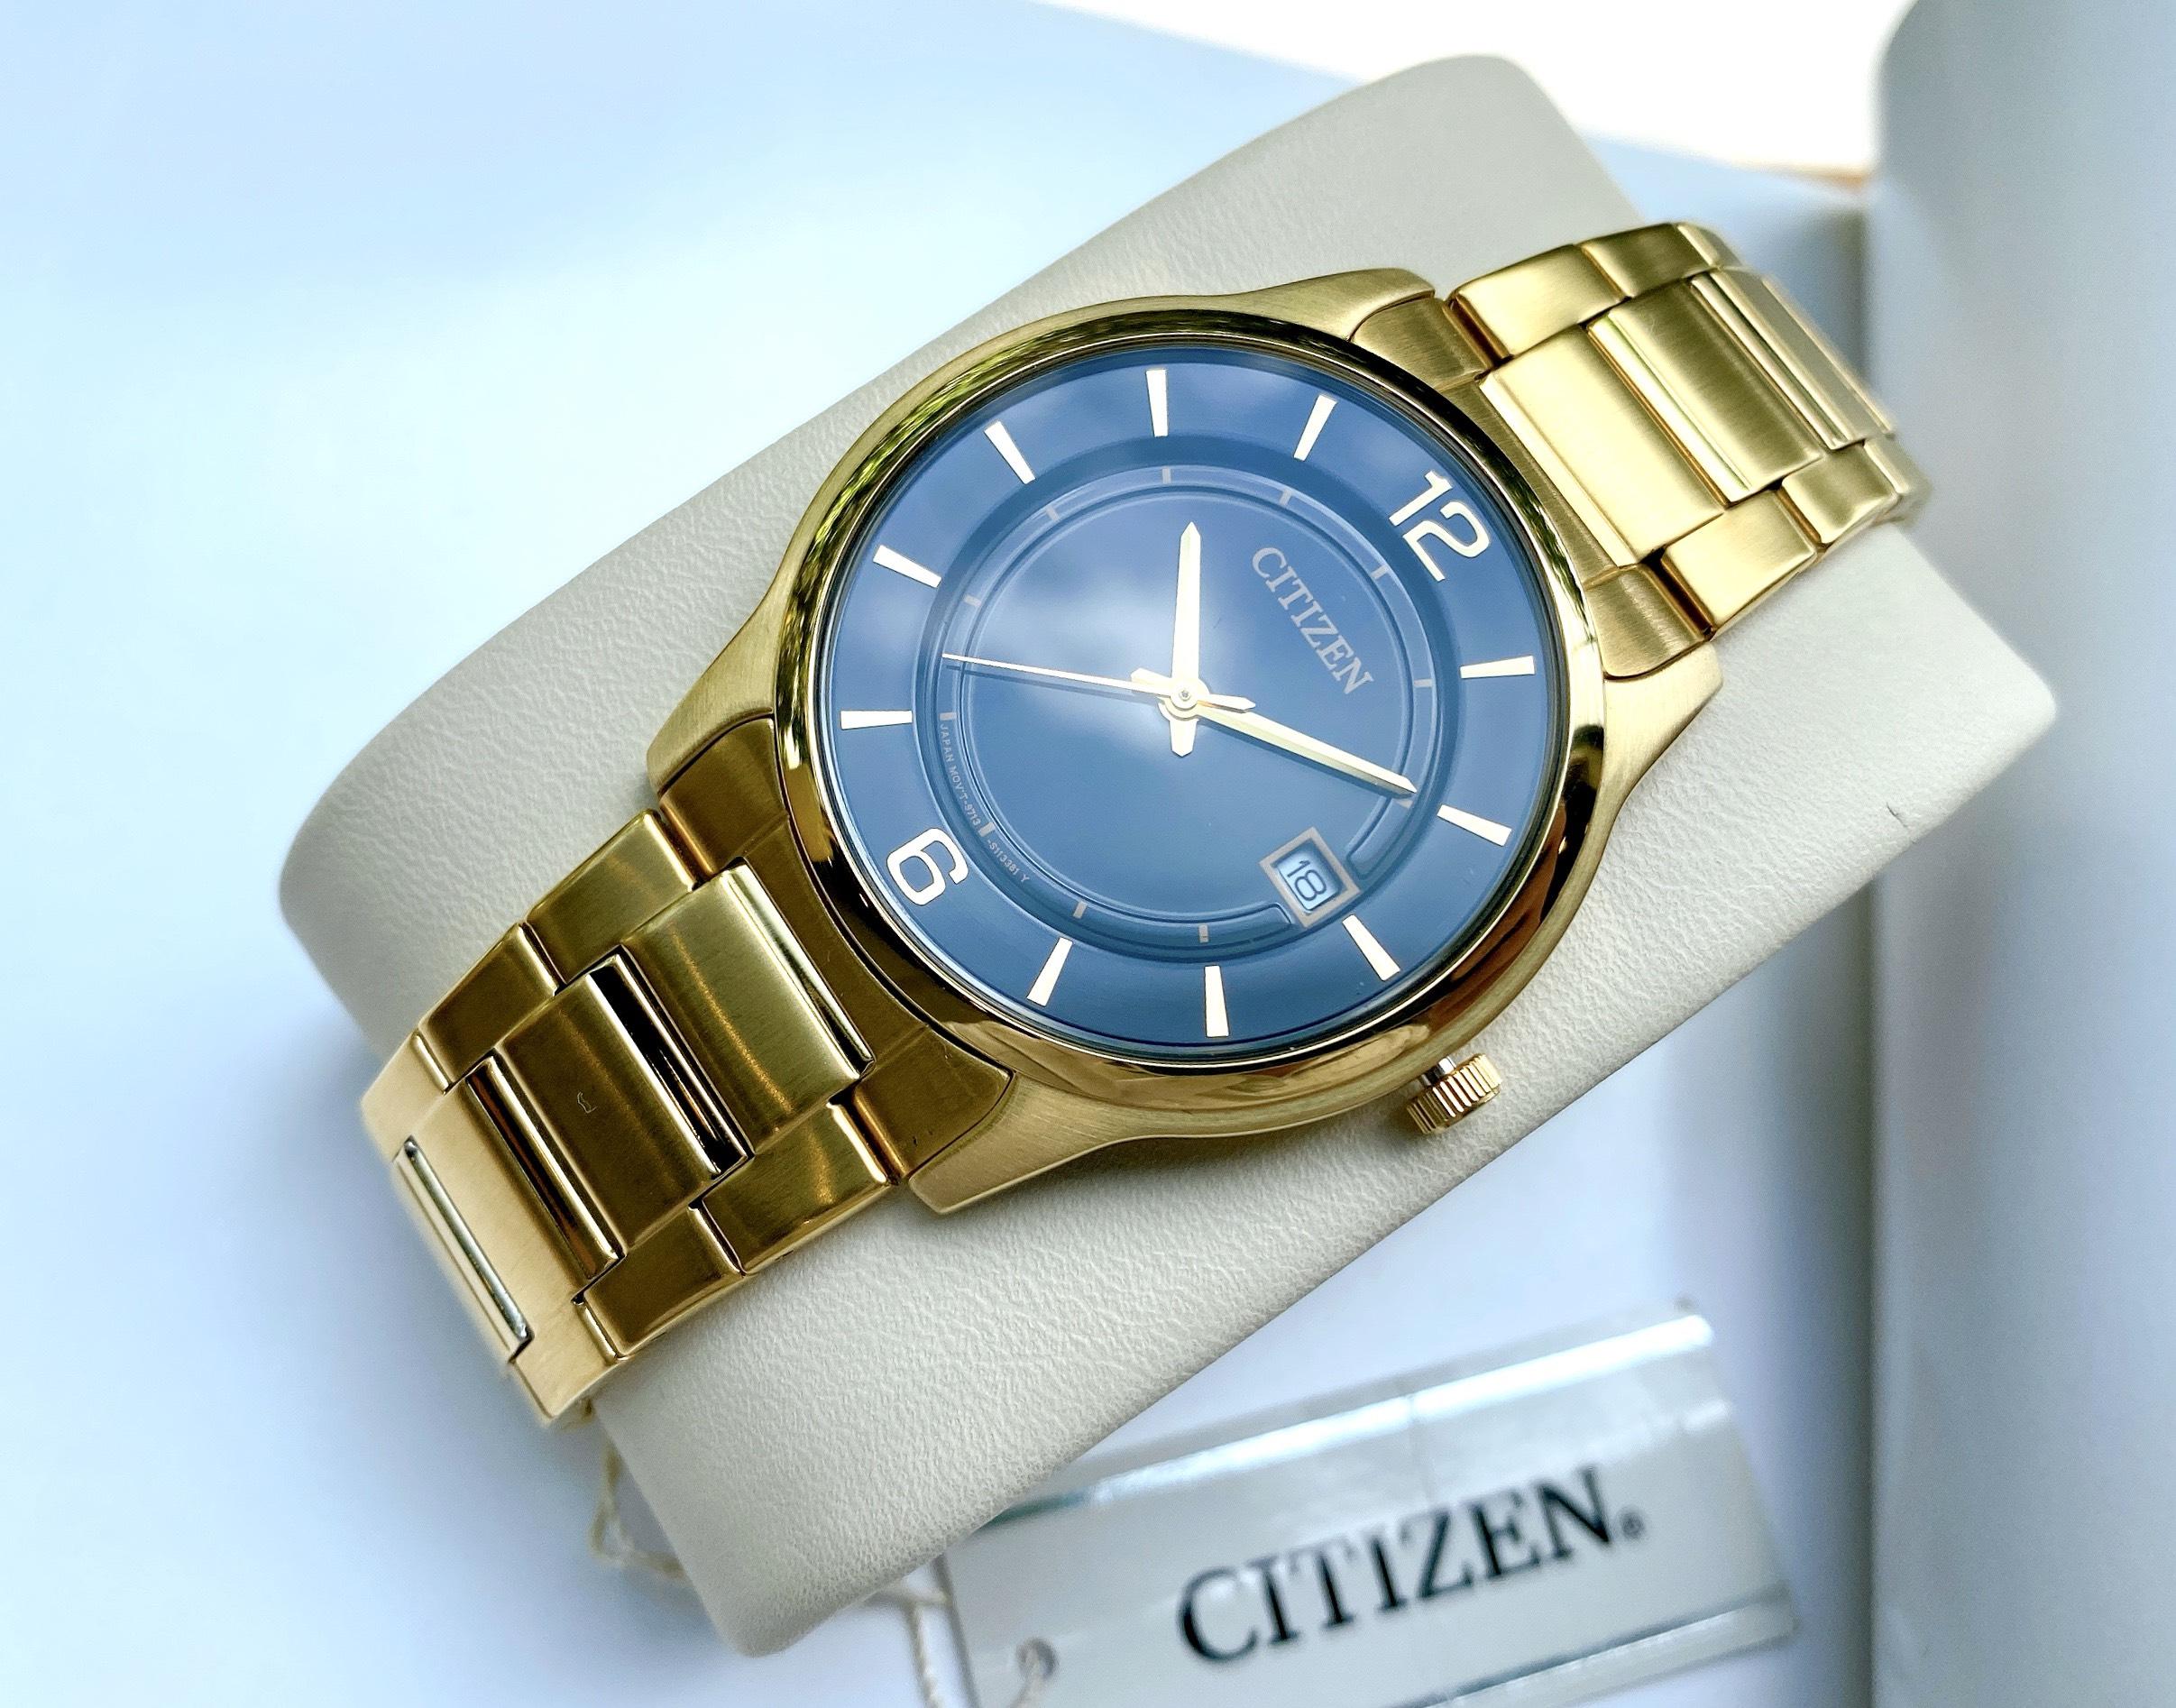 Citizen BD0022-59E